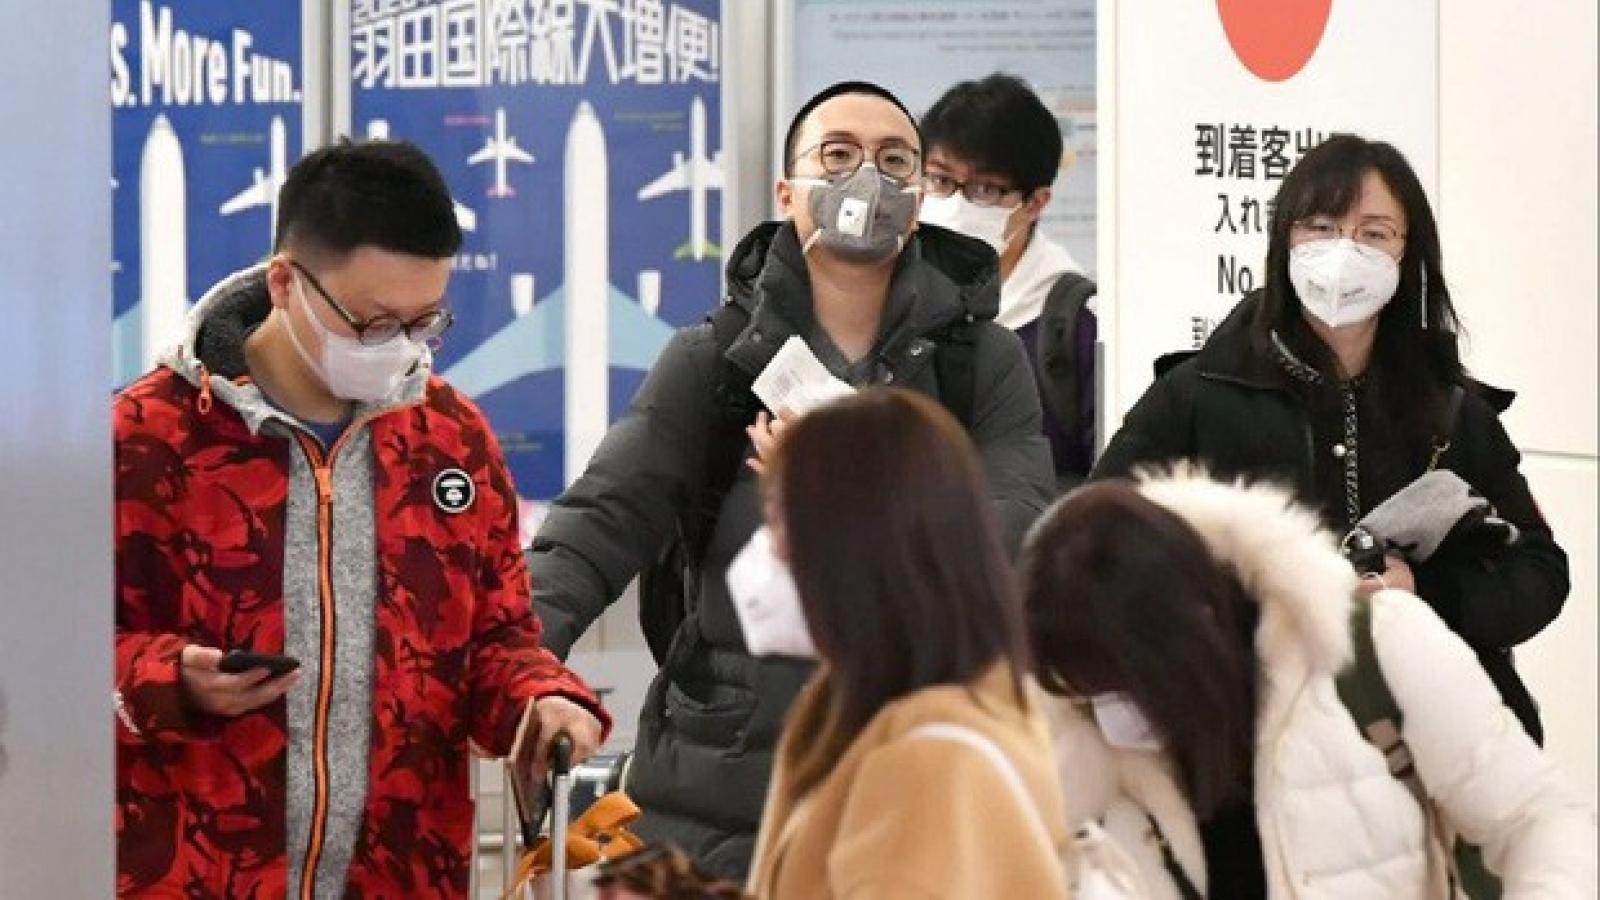 Gần 70% người dân Nhật Bản bất an về hệ thống y tế